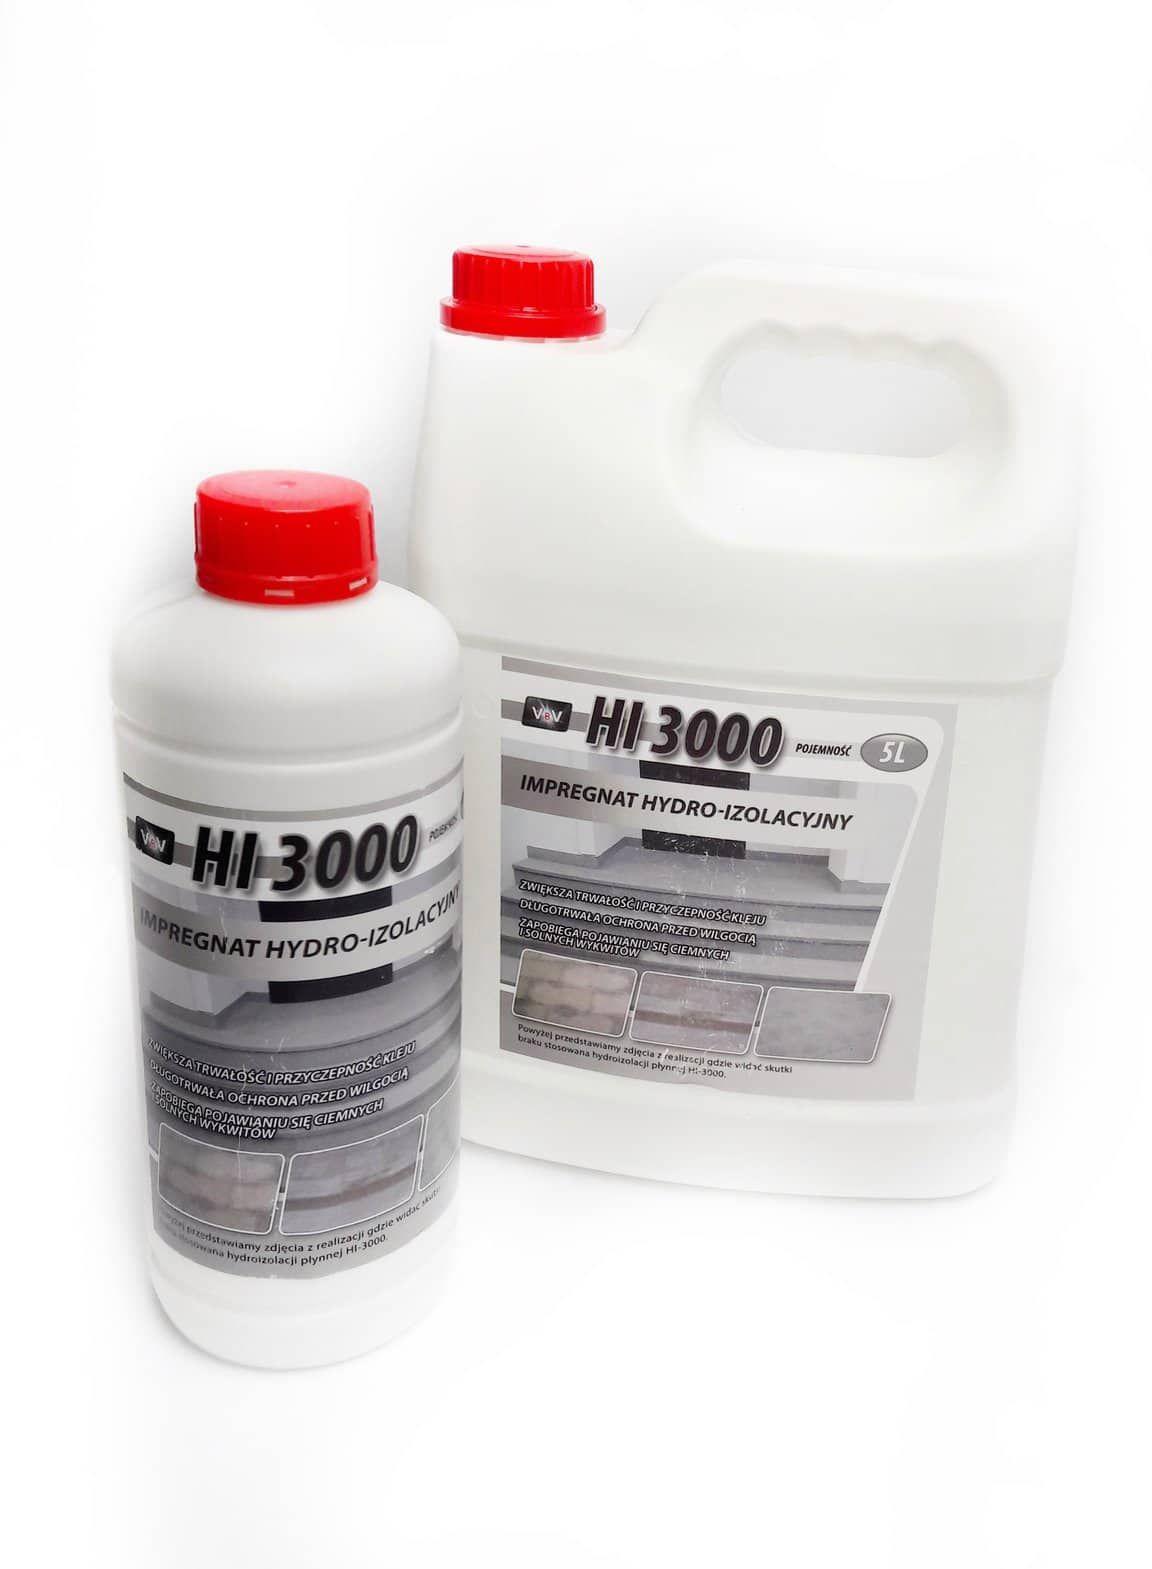 hi-3000 impregnat hydroizolacyjny, jak umiknąć plam na montowanym kamieniu